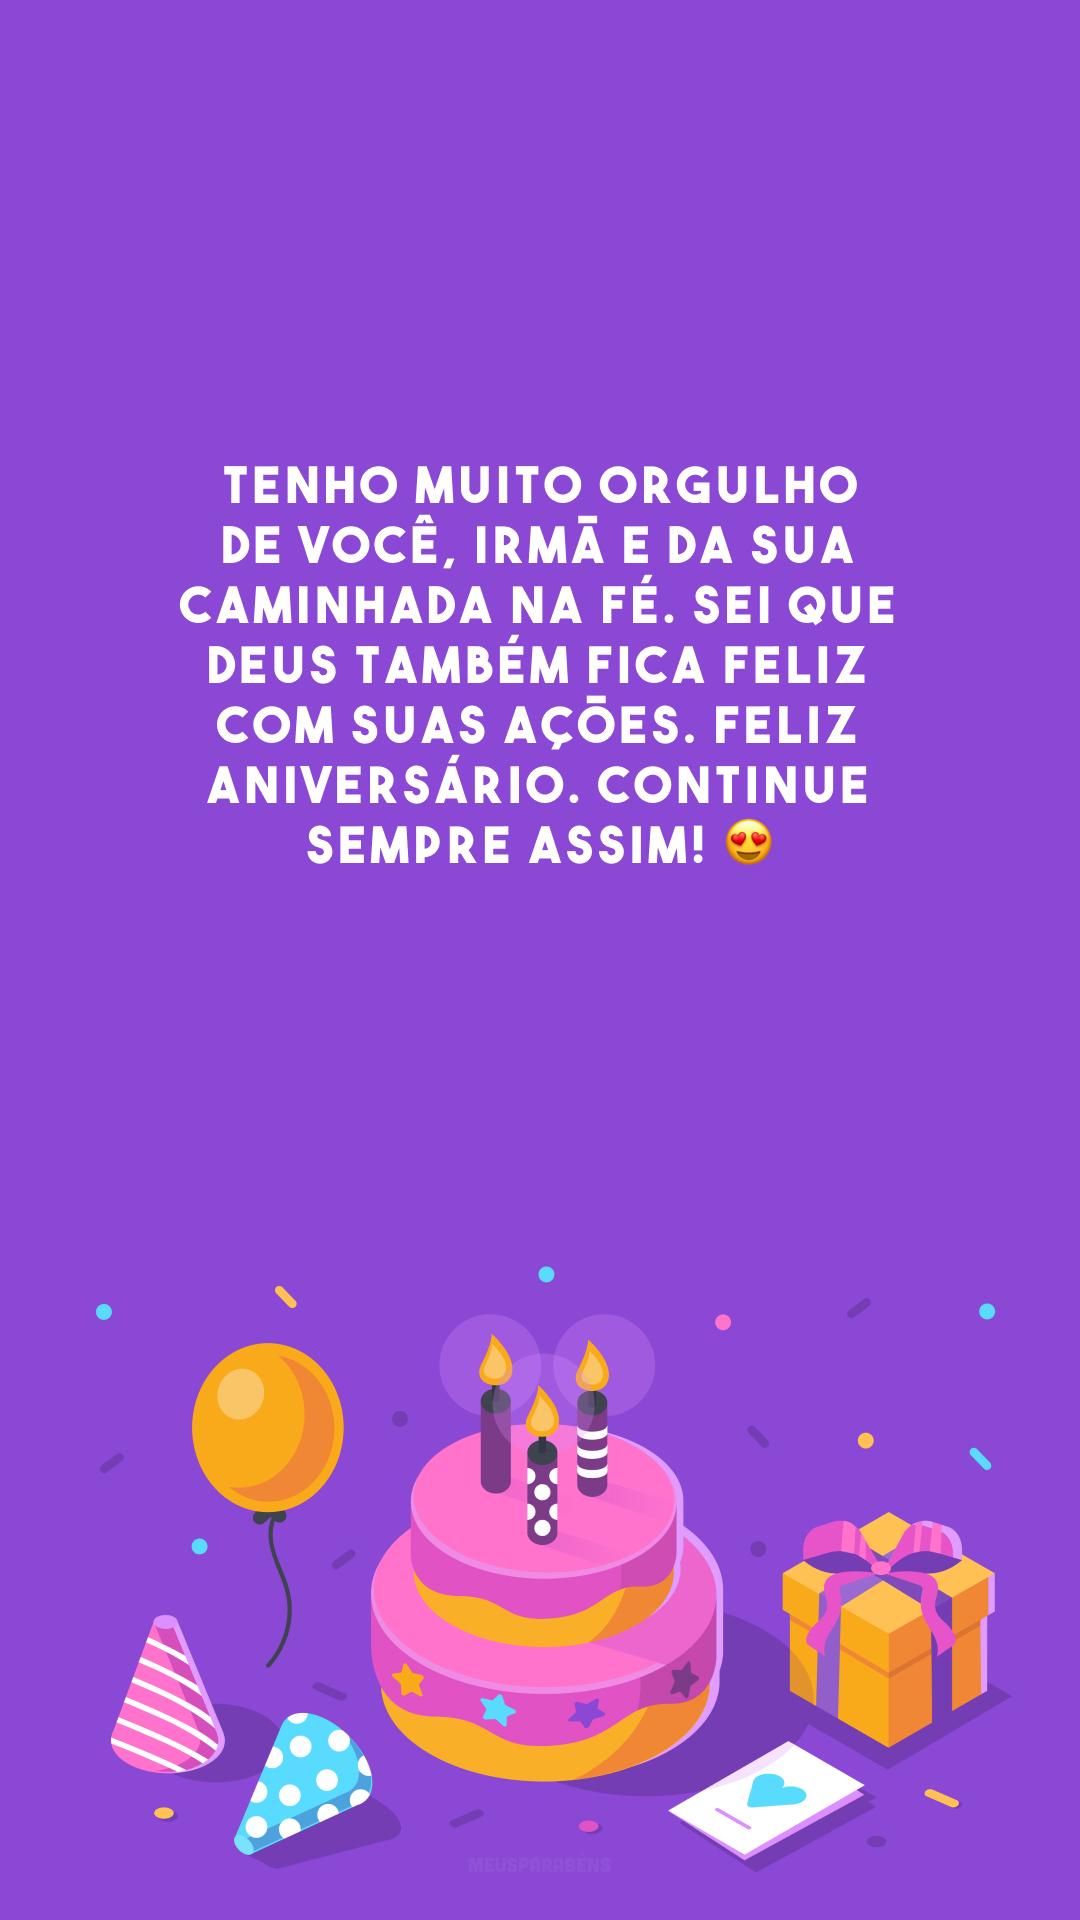 Tenho muito orgulho de você, irmã e da sua caminhada na fé. Sei que Deus também fica feliz com suas ações. Feliz aniversário. Continue sempre assim! 😍